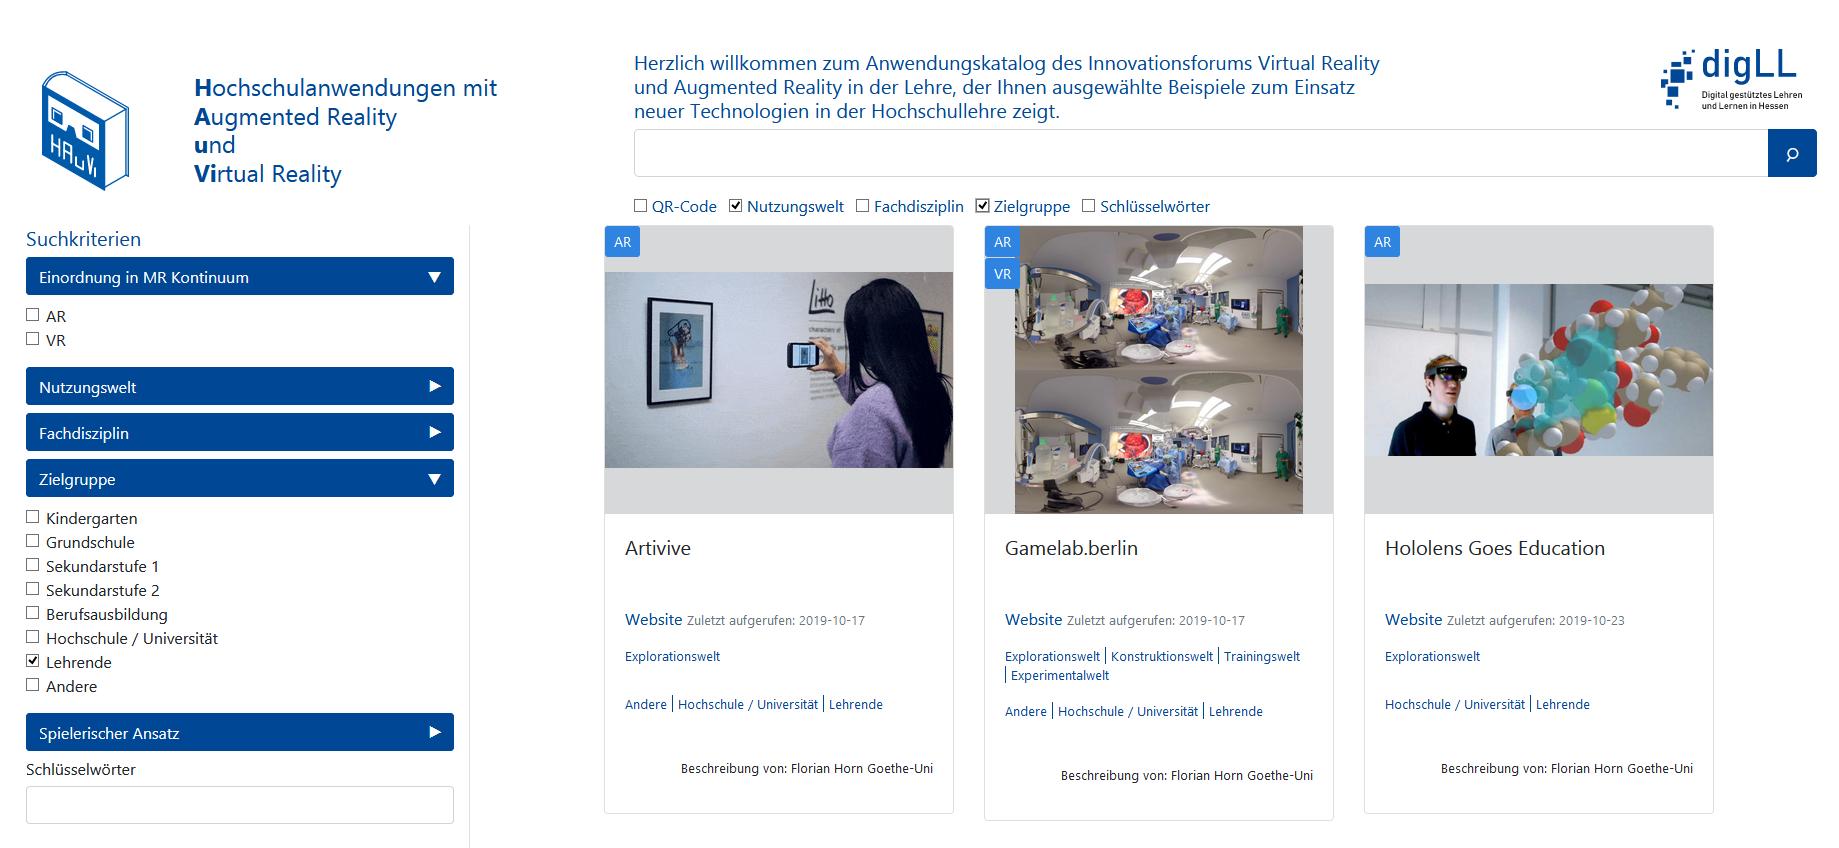 Webauftritt 'Hochschulanwendungen mit Augmented Reality und Virtual Reality'